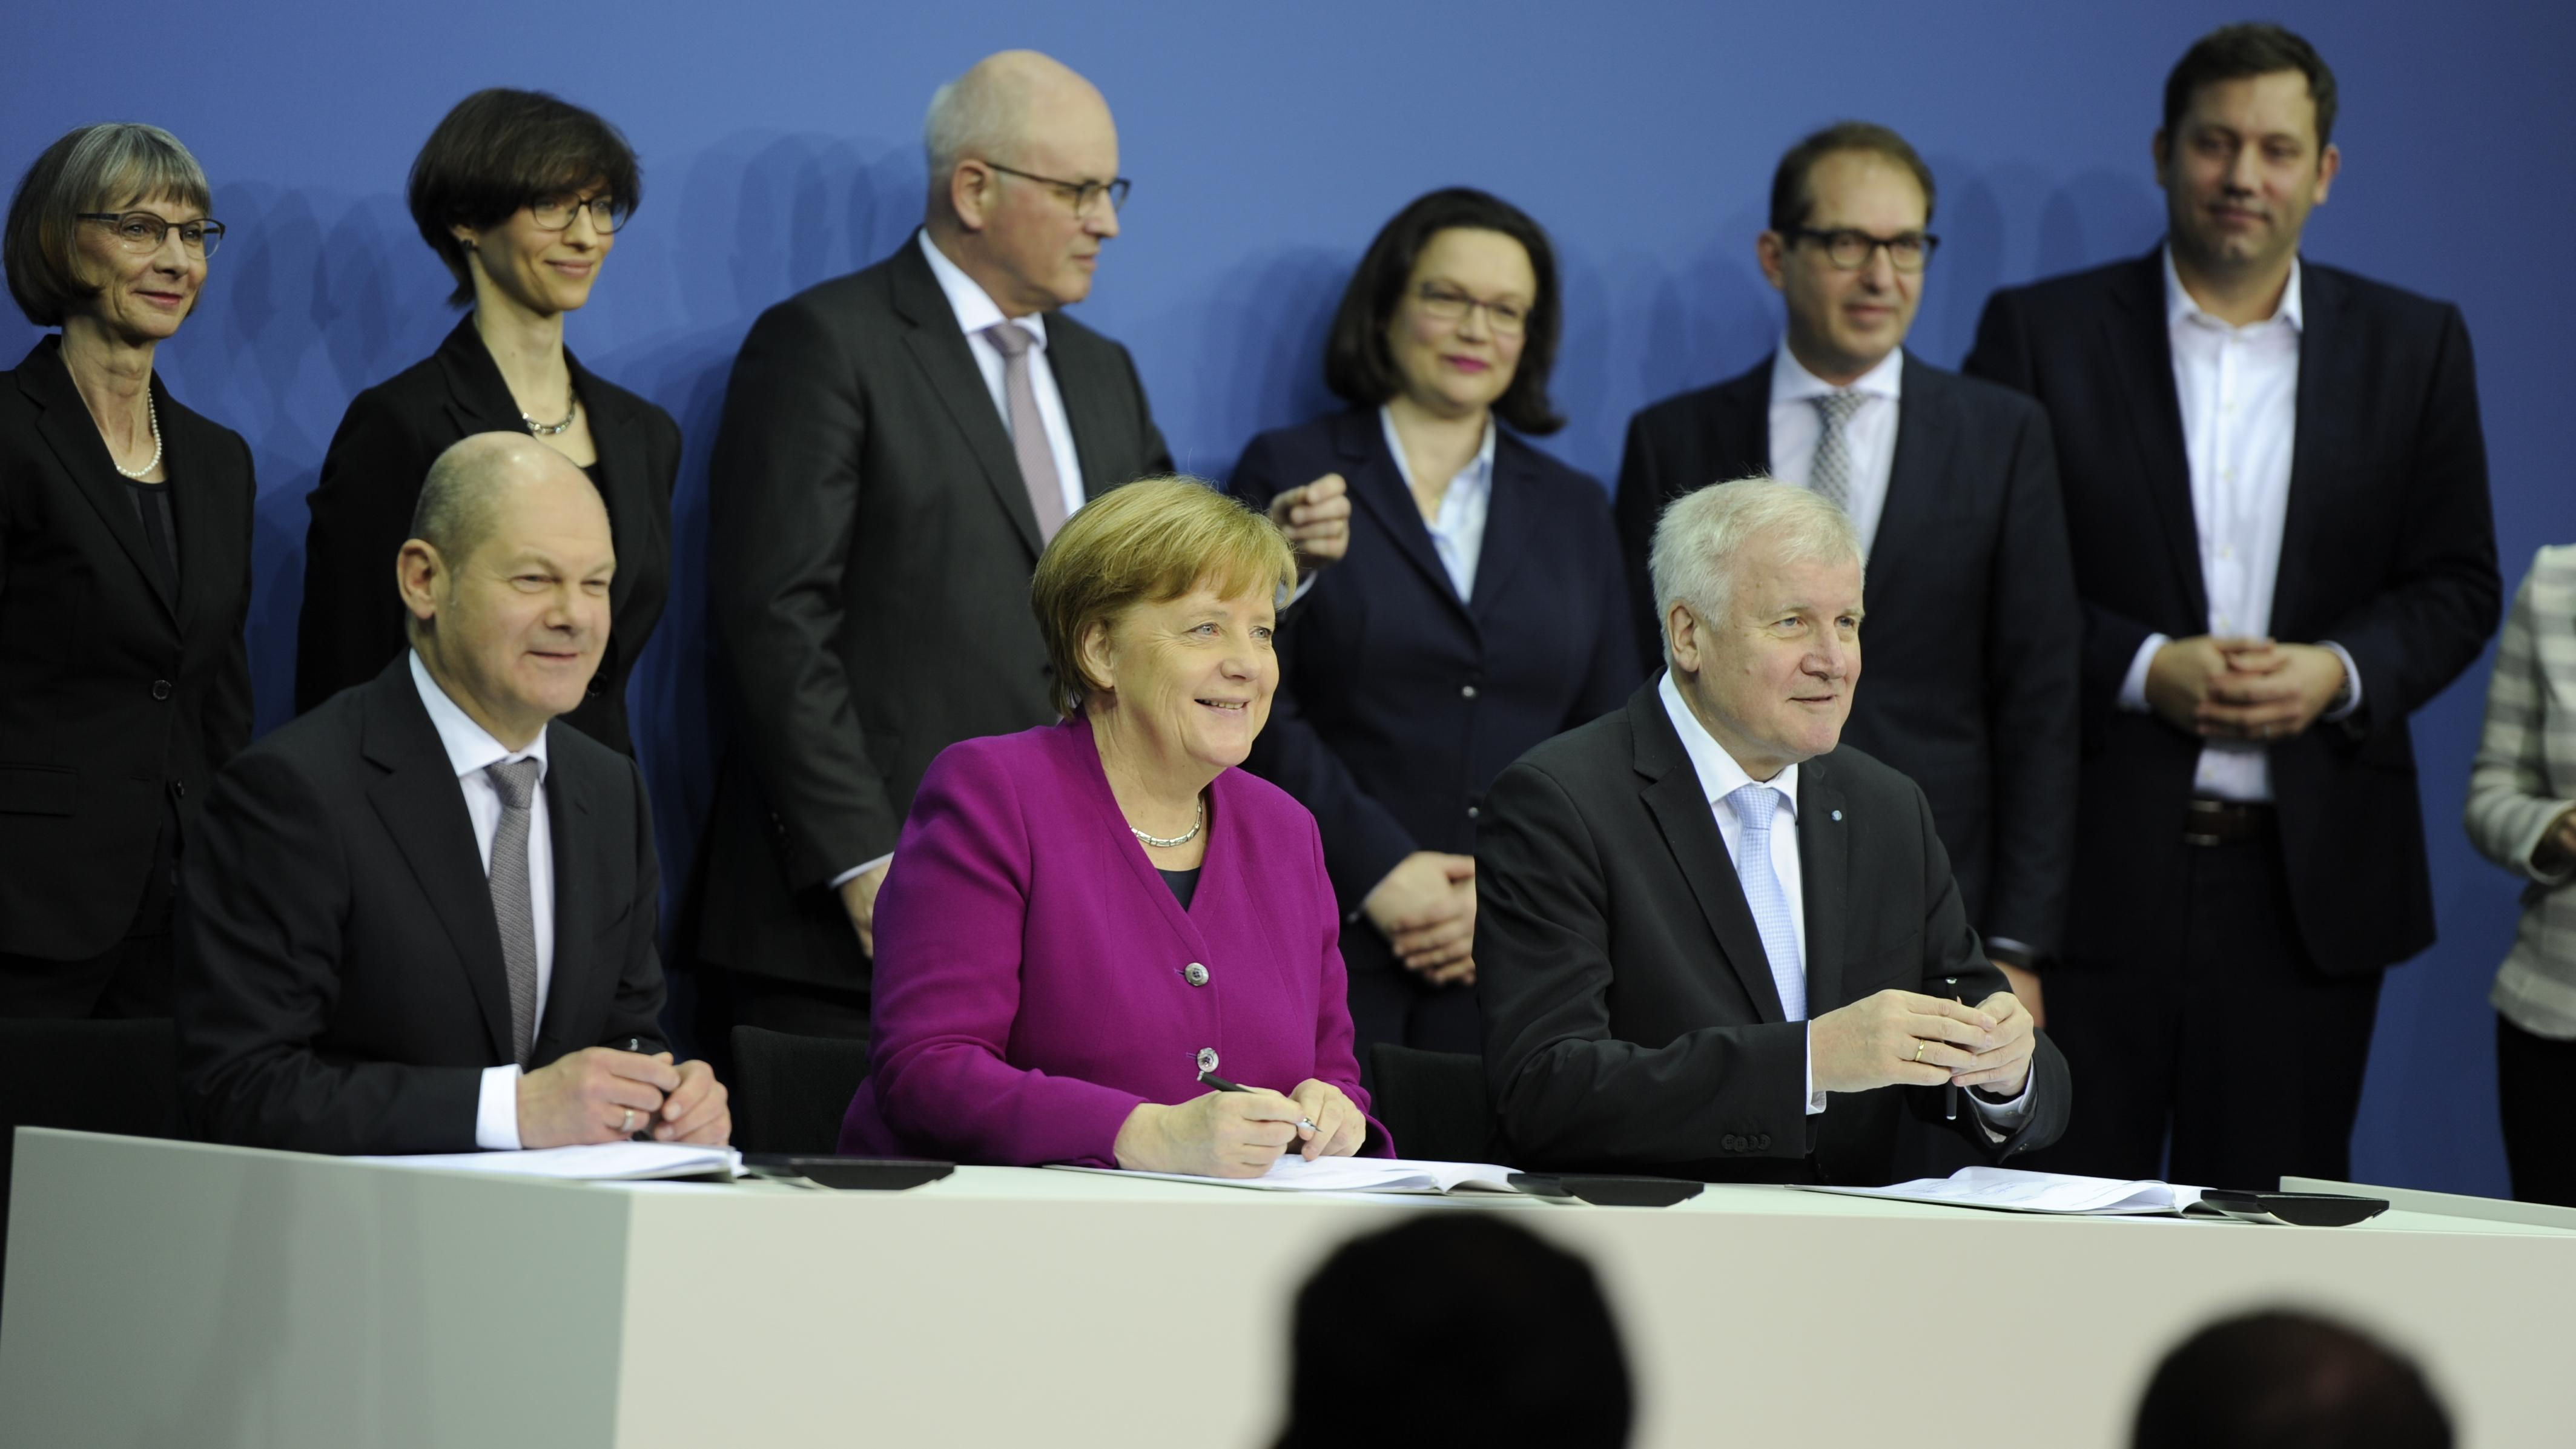 März 2018: Pressekonferenz zum Koalitionsvertrag zwischen SPD und CDU/CSU